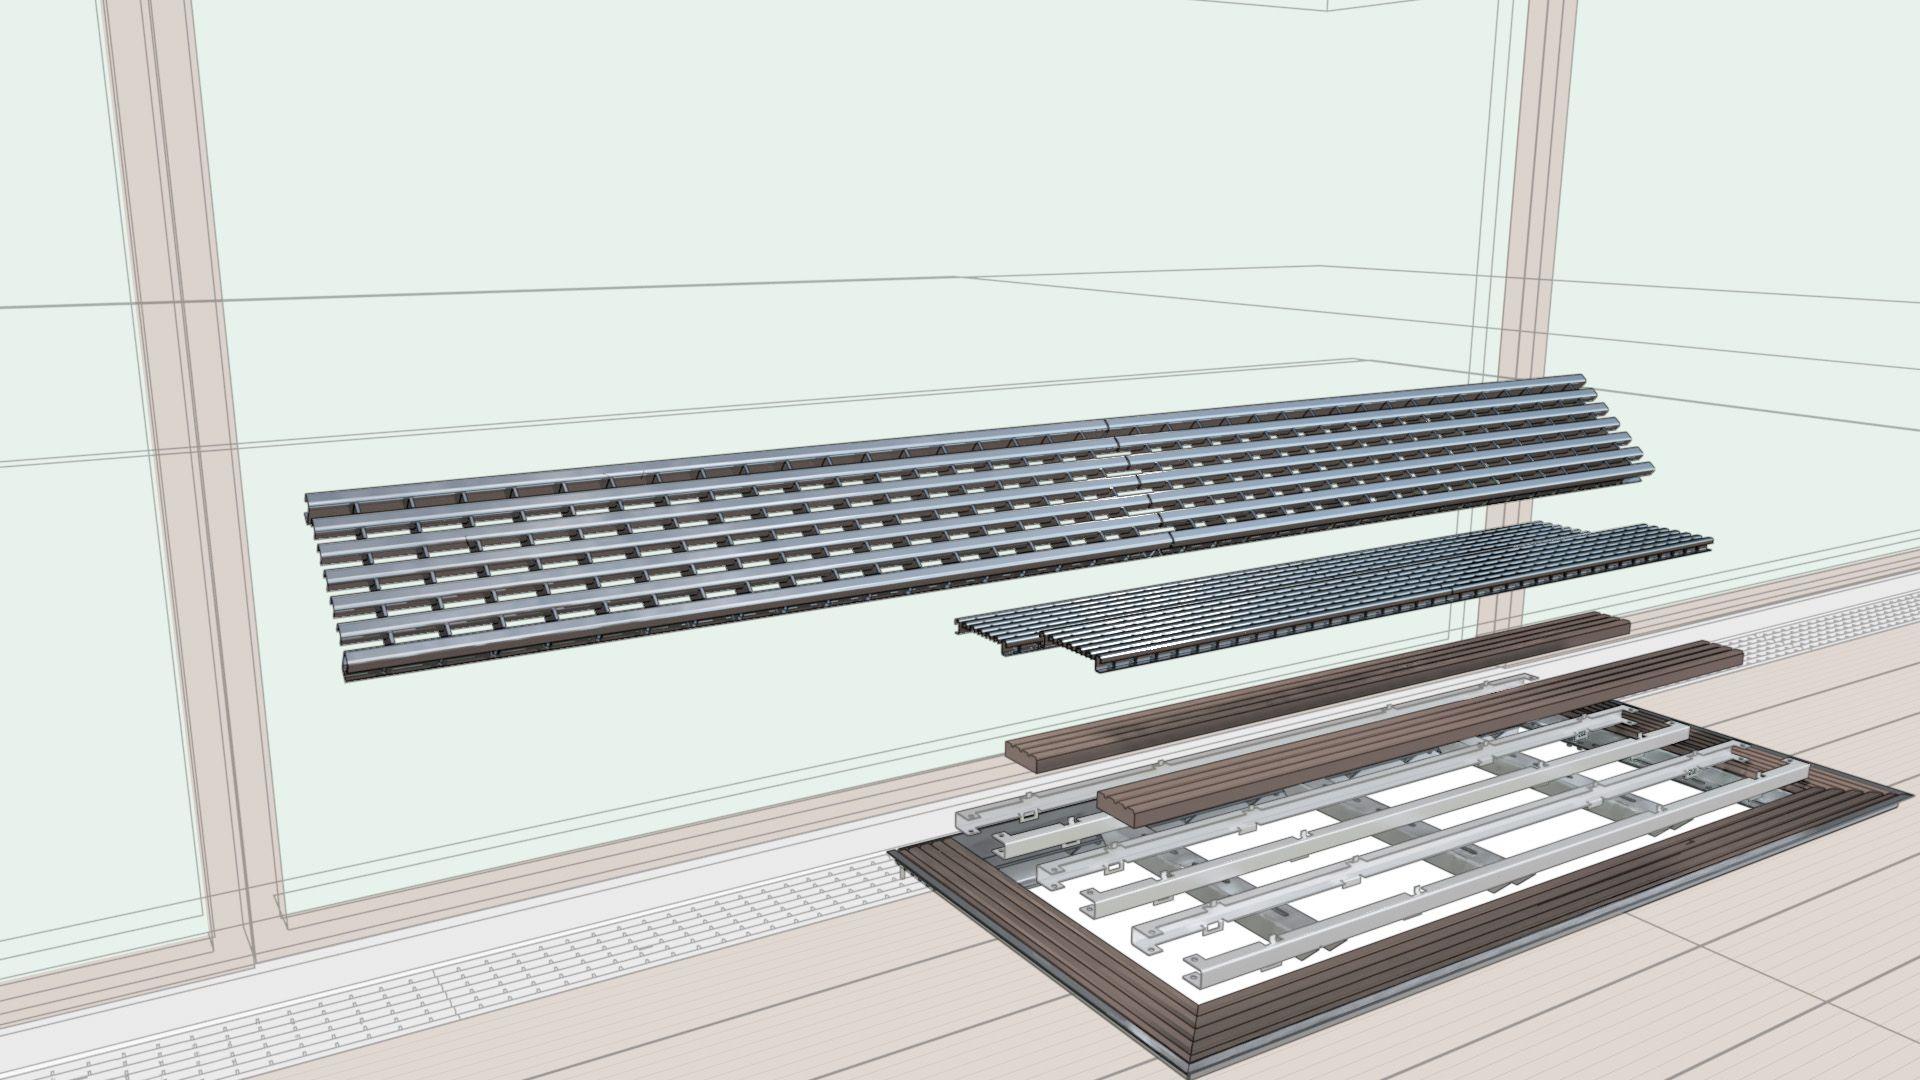 Modulare Kellerschacht Abdeckung Aco Vario Fur Mehr Licht Und Luft In Kellerraumen Kompatibel Mit De Lichtschachtabdeckung Beleuchtung Wohnzimmer Lichtschacht